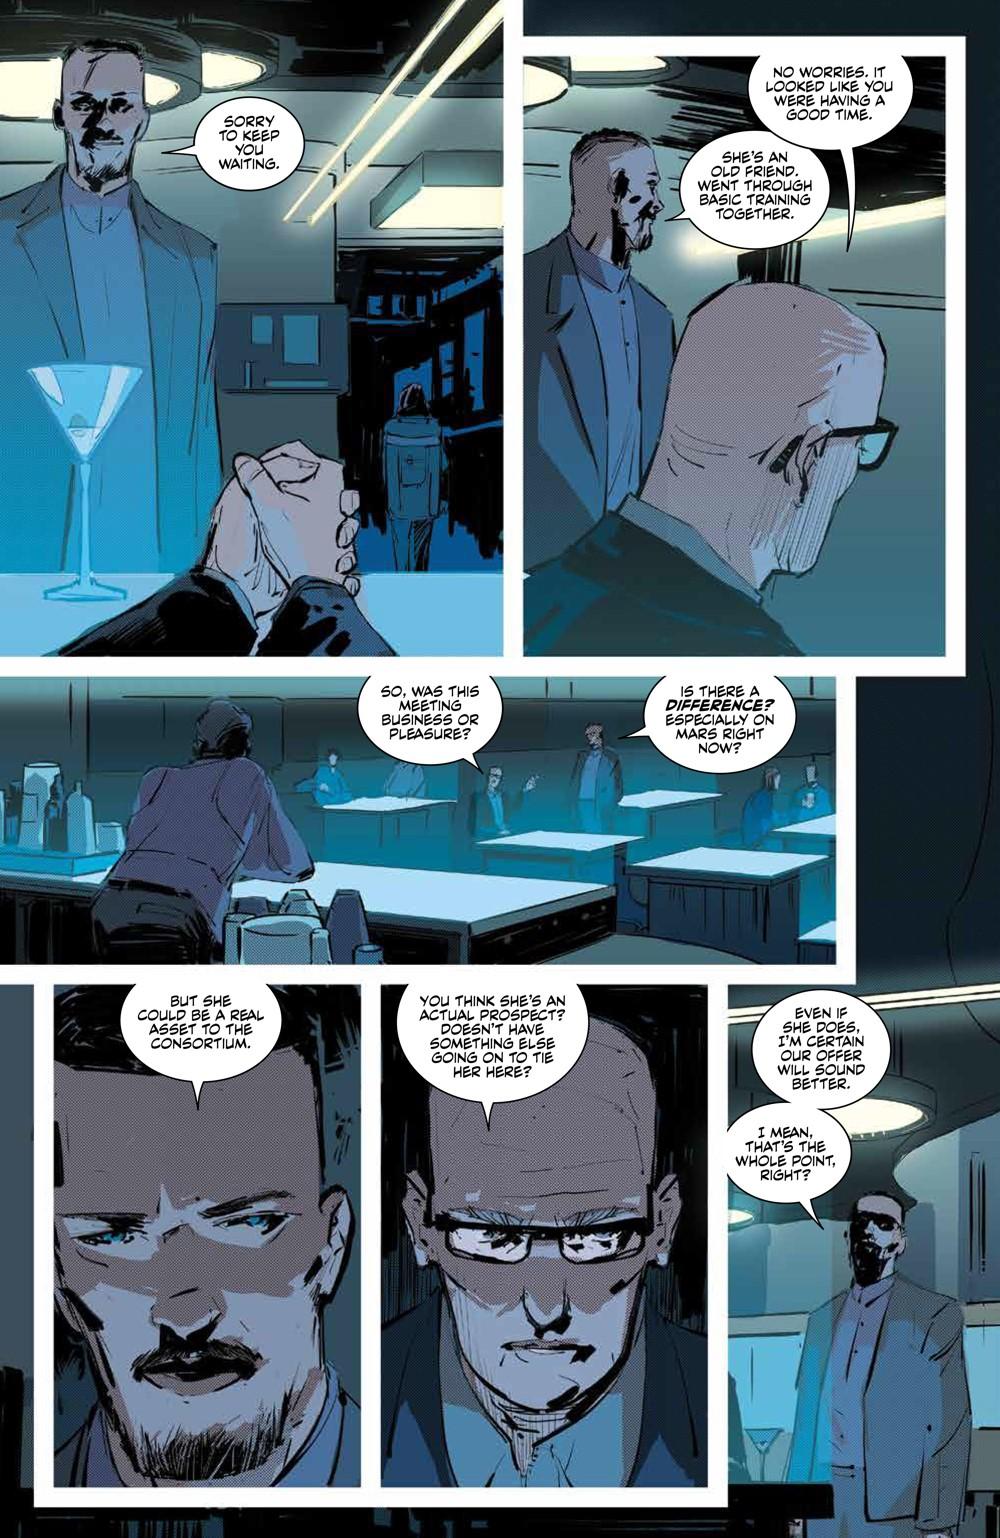 Expanse_SC_PRESS_18 ComicList Previews: THE EXPANSE TP